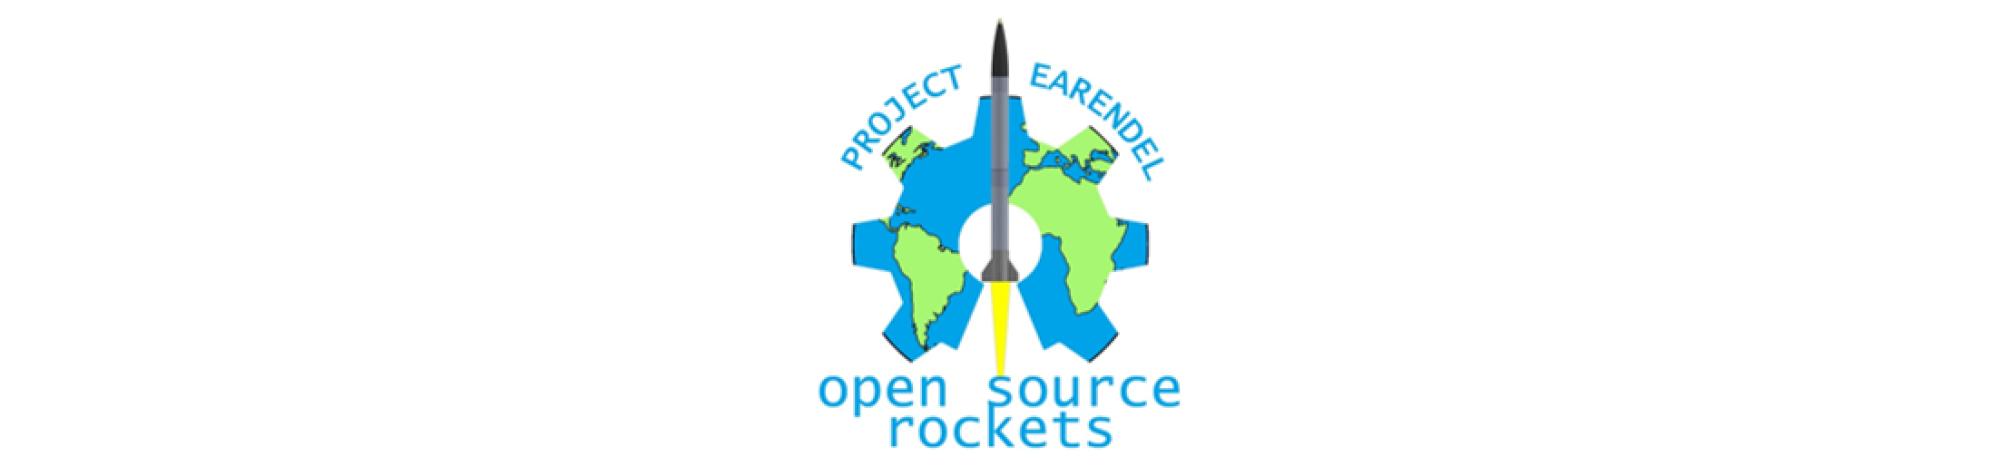 Project Earendel